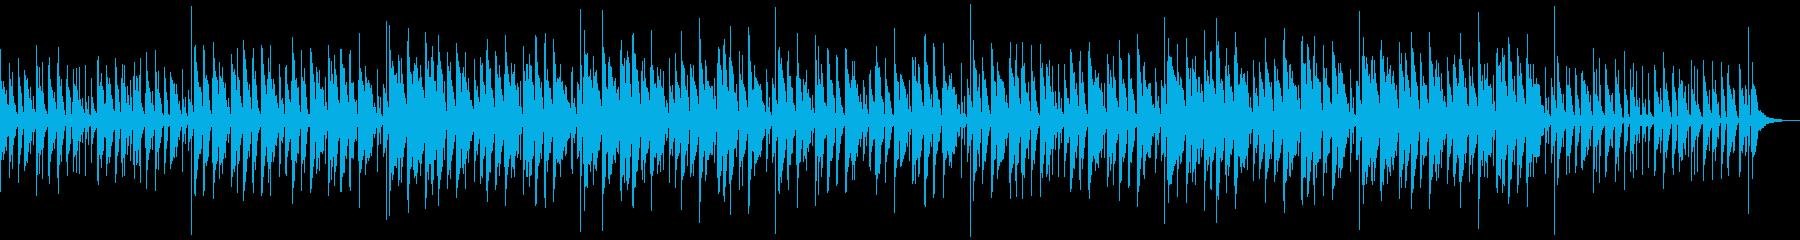 おとぼけでコミカルなカートゥーン系の再生済みの波形